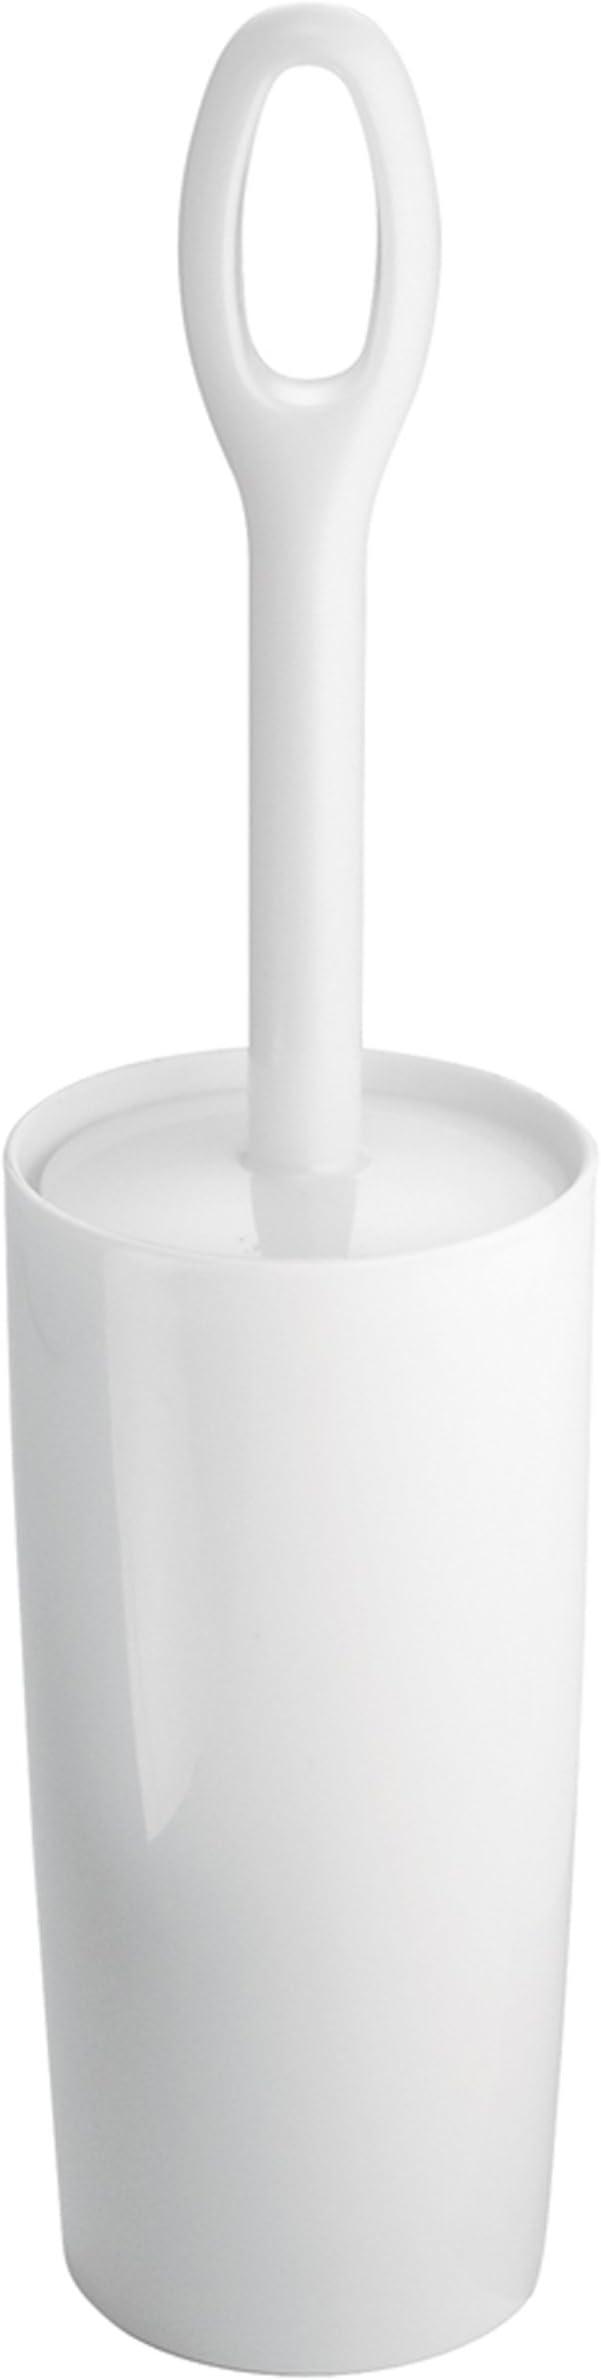 Cepillo y soporte para inodoro de silicona con Juego de Soportes de Secado r/ápido para inodoro para ba/ño